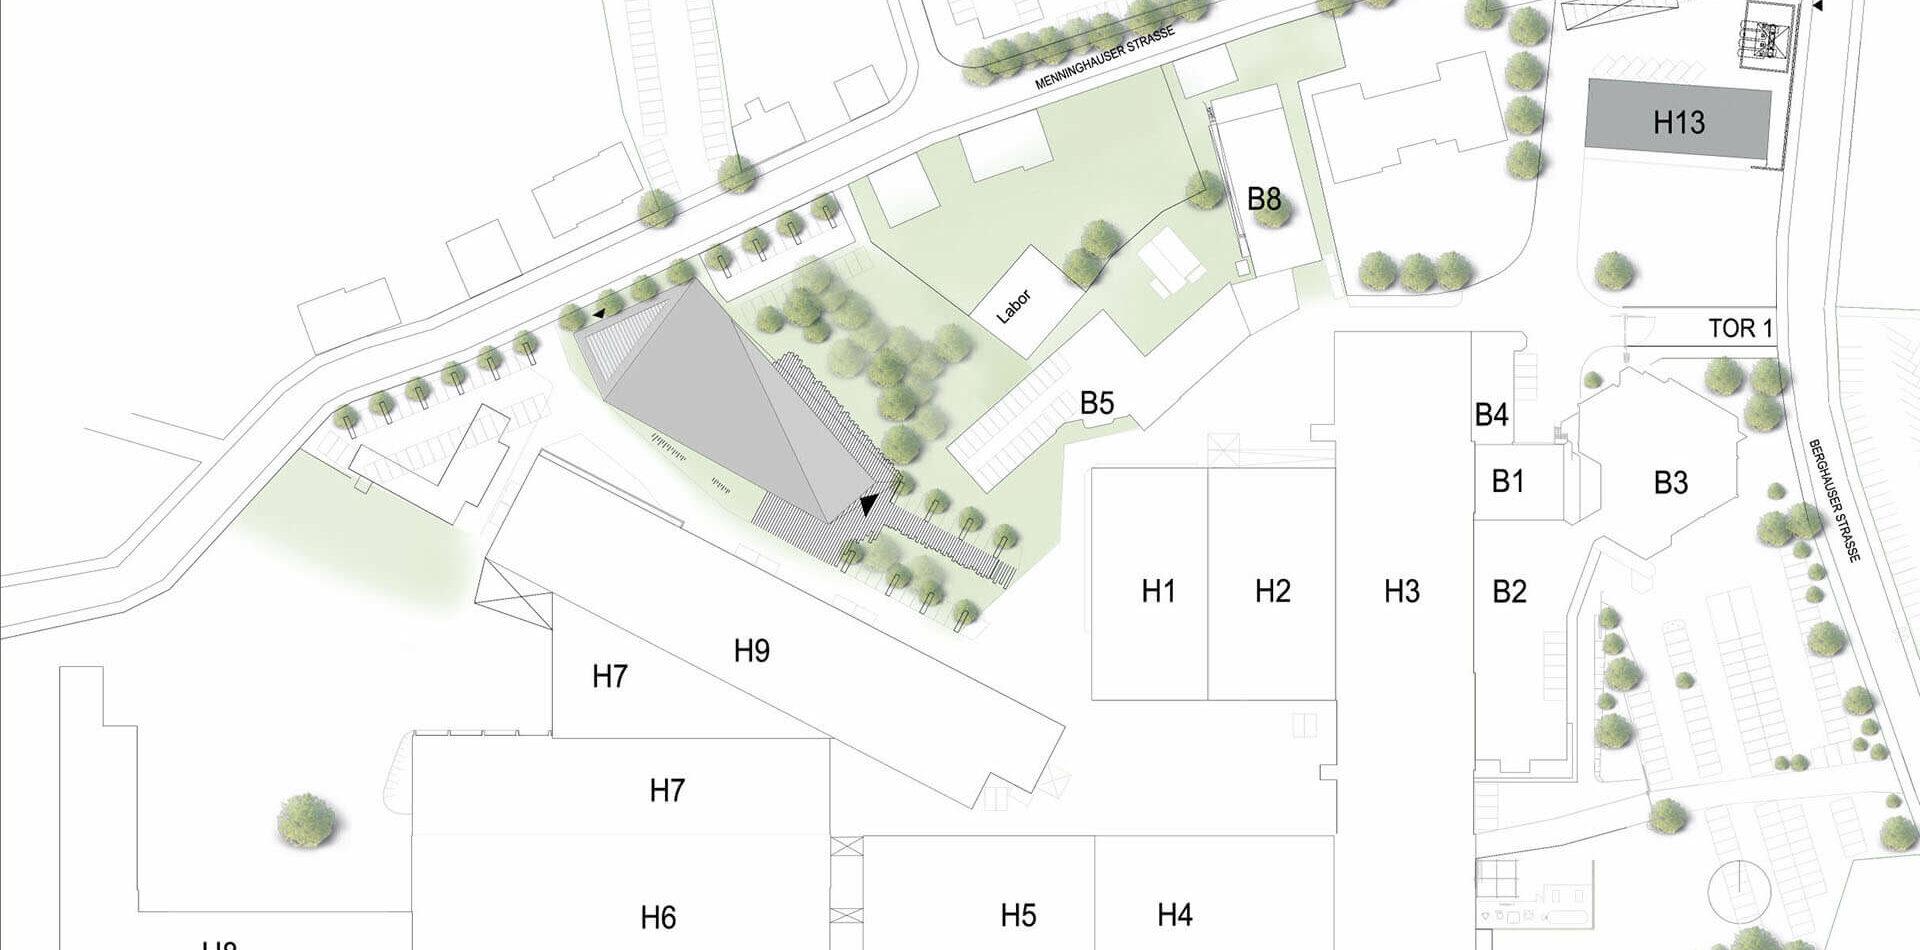 Vaillant Kantine Remscheid Wettbewerb-projekt Variante 1 Lageplan